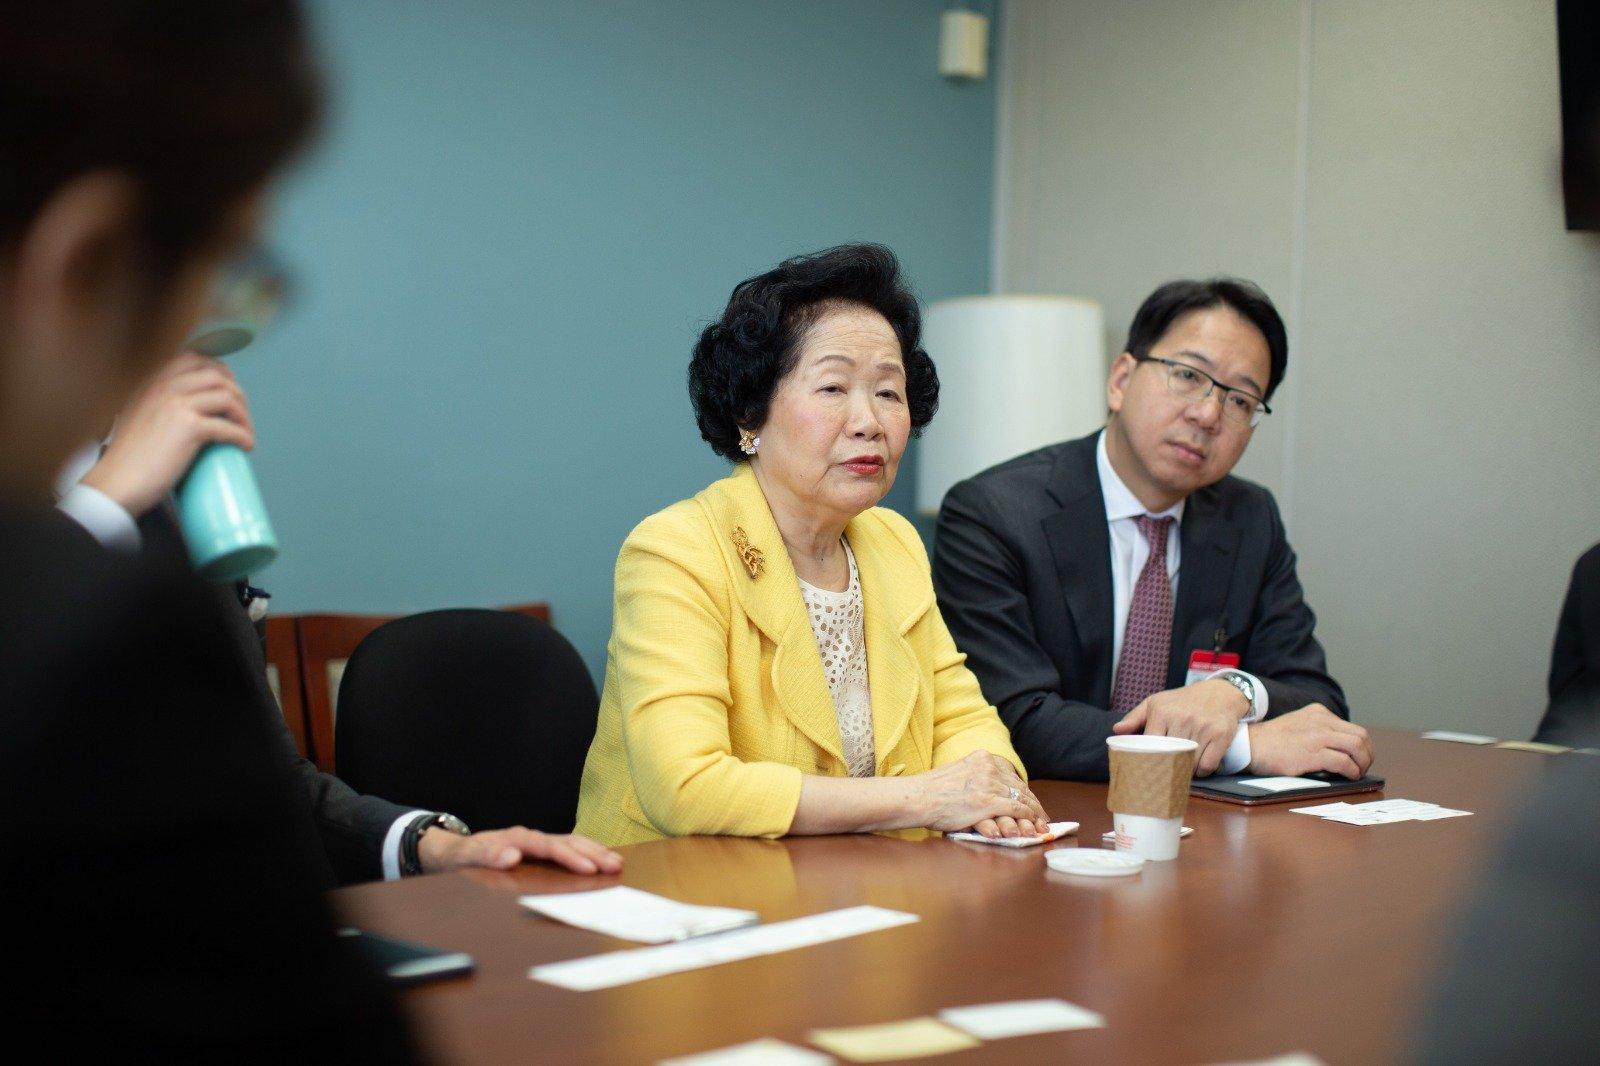 立法會議員莫乃光、郭榮鏗及前政務司司長陳方安生去年3月,與國務卿辦公室的官員會面,方就香港最新情況交換了意見。(公民黨提供)